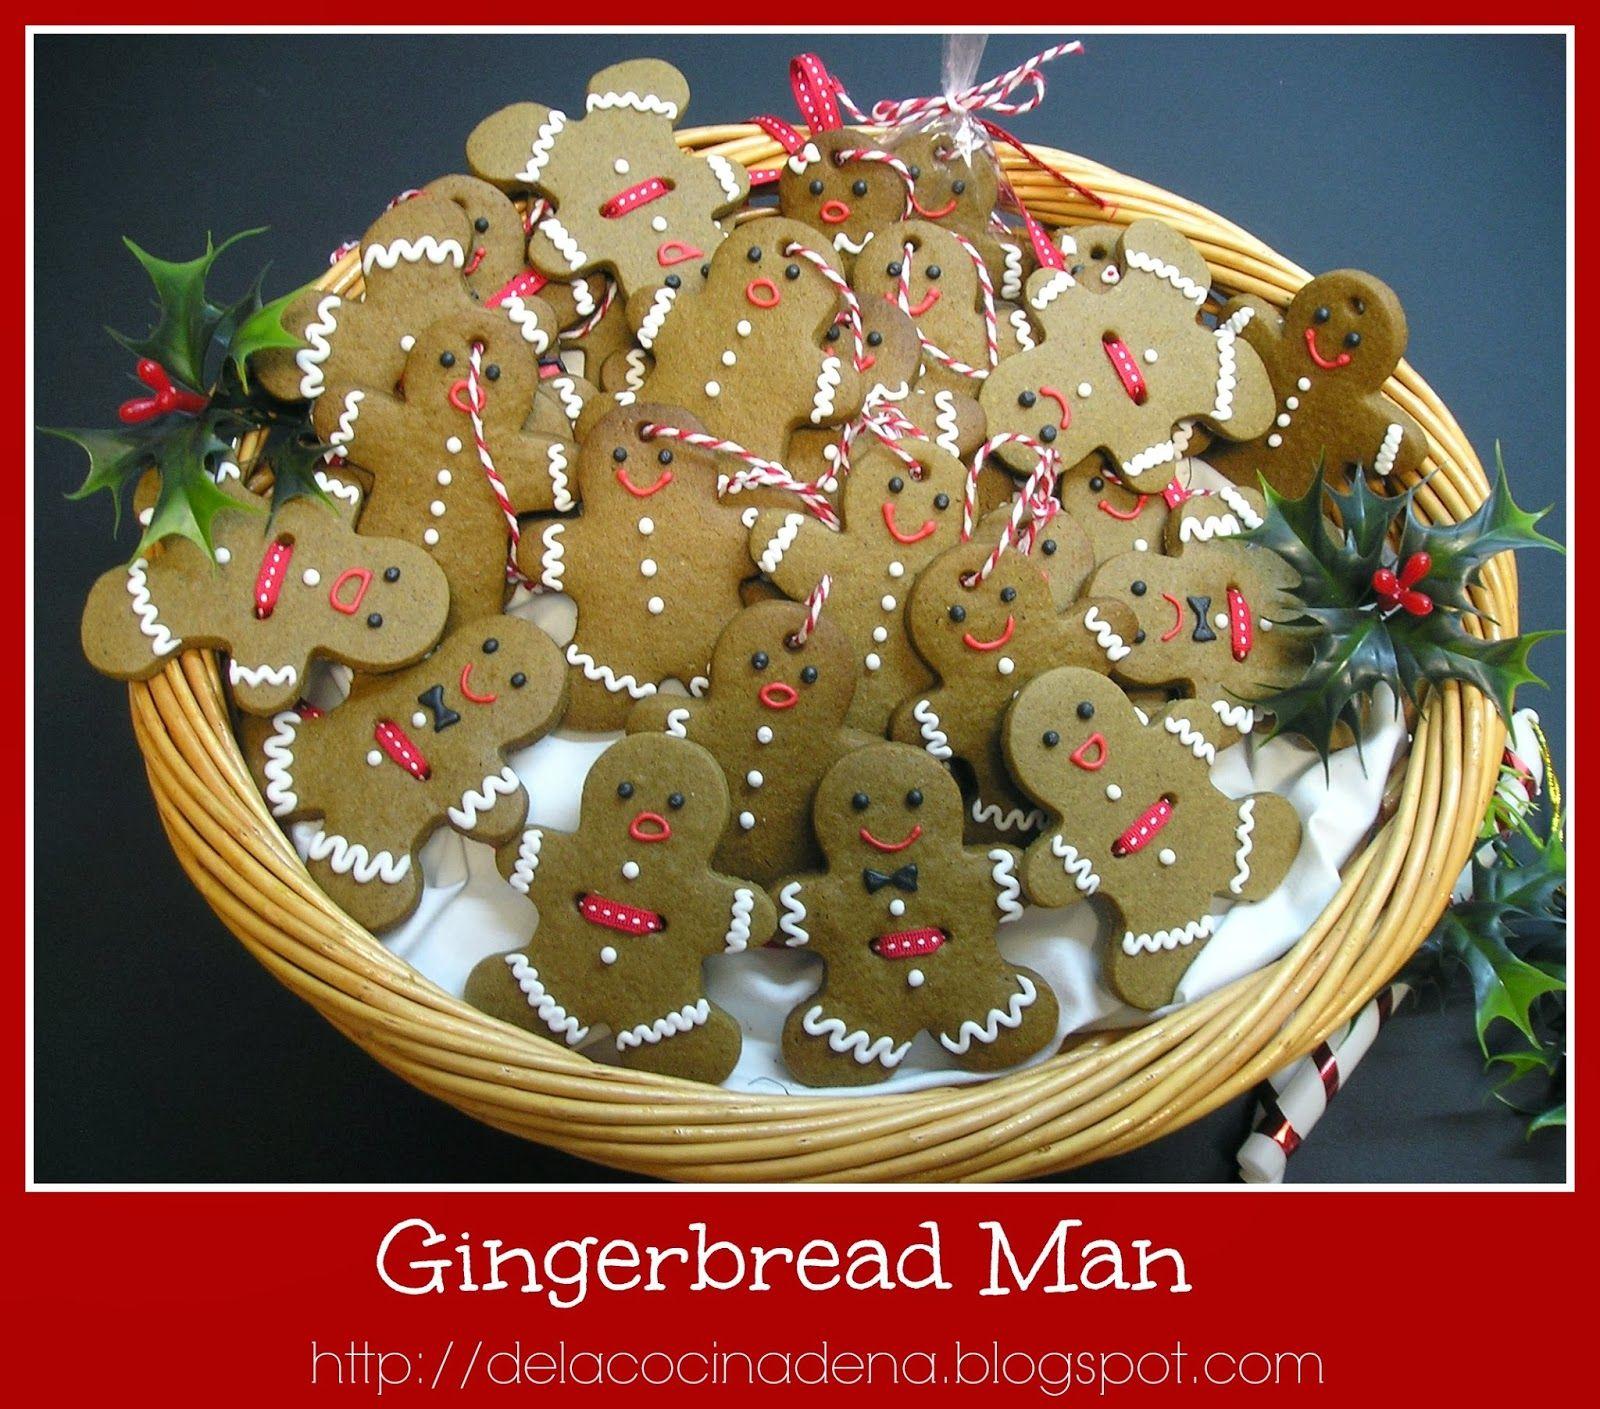 Gingerbread Man (Galletas de Jengibre)